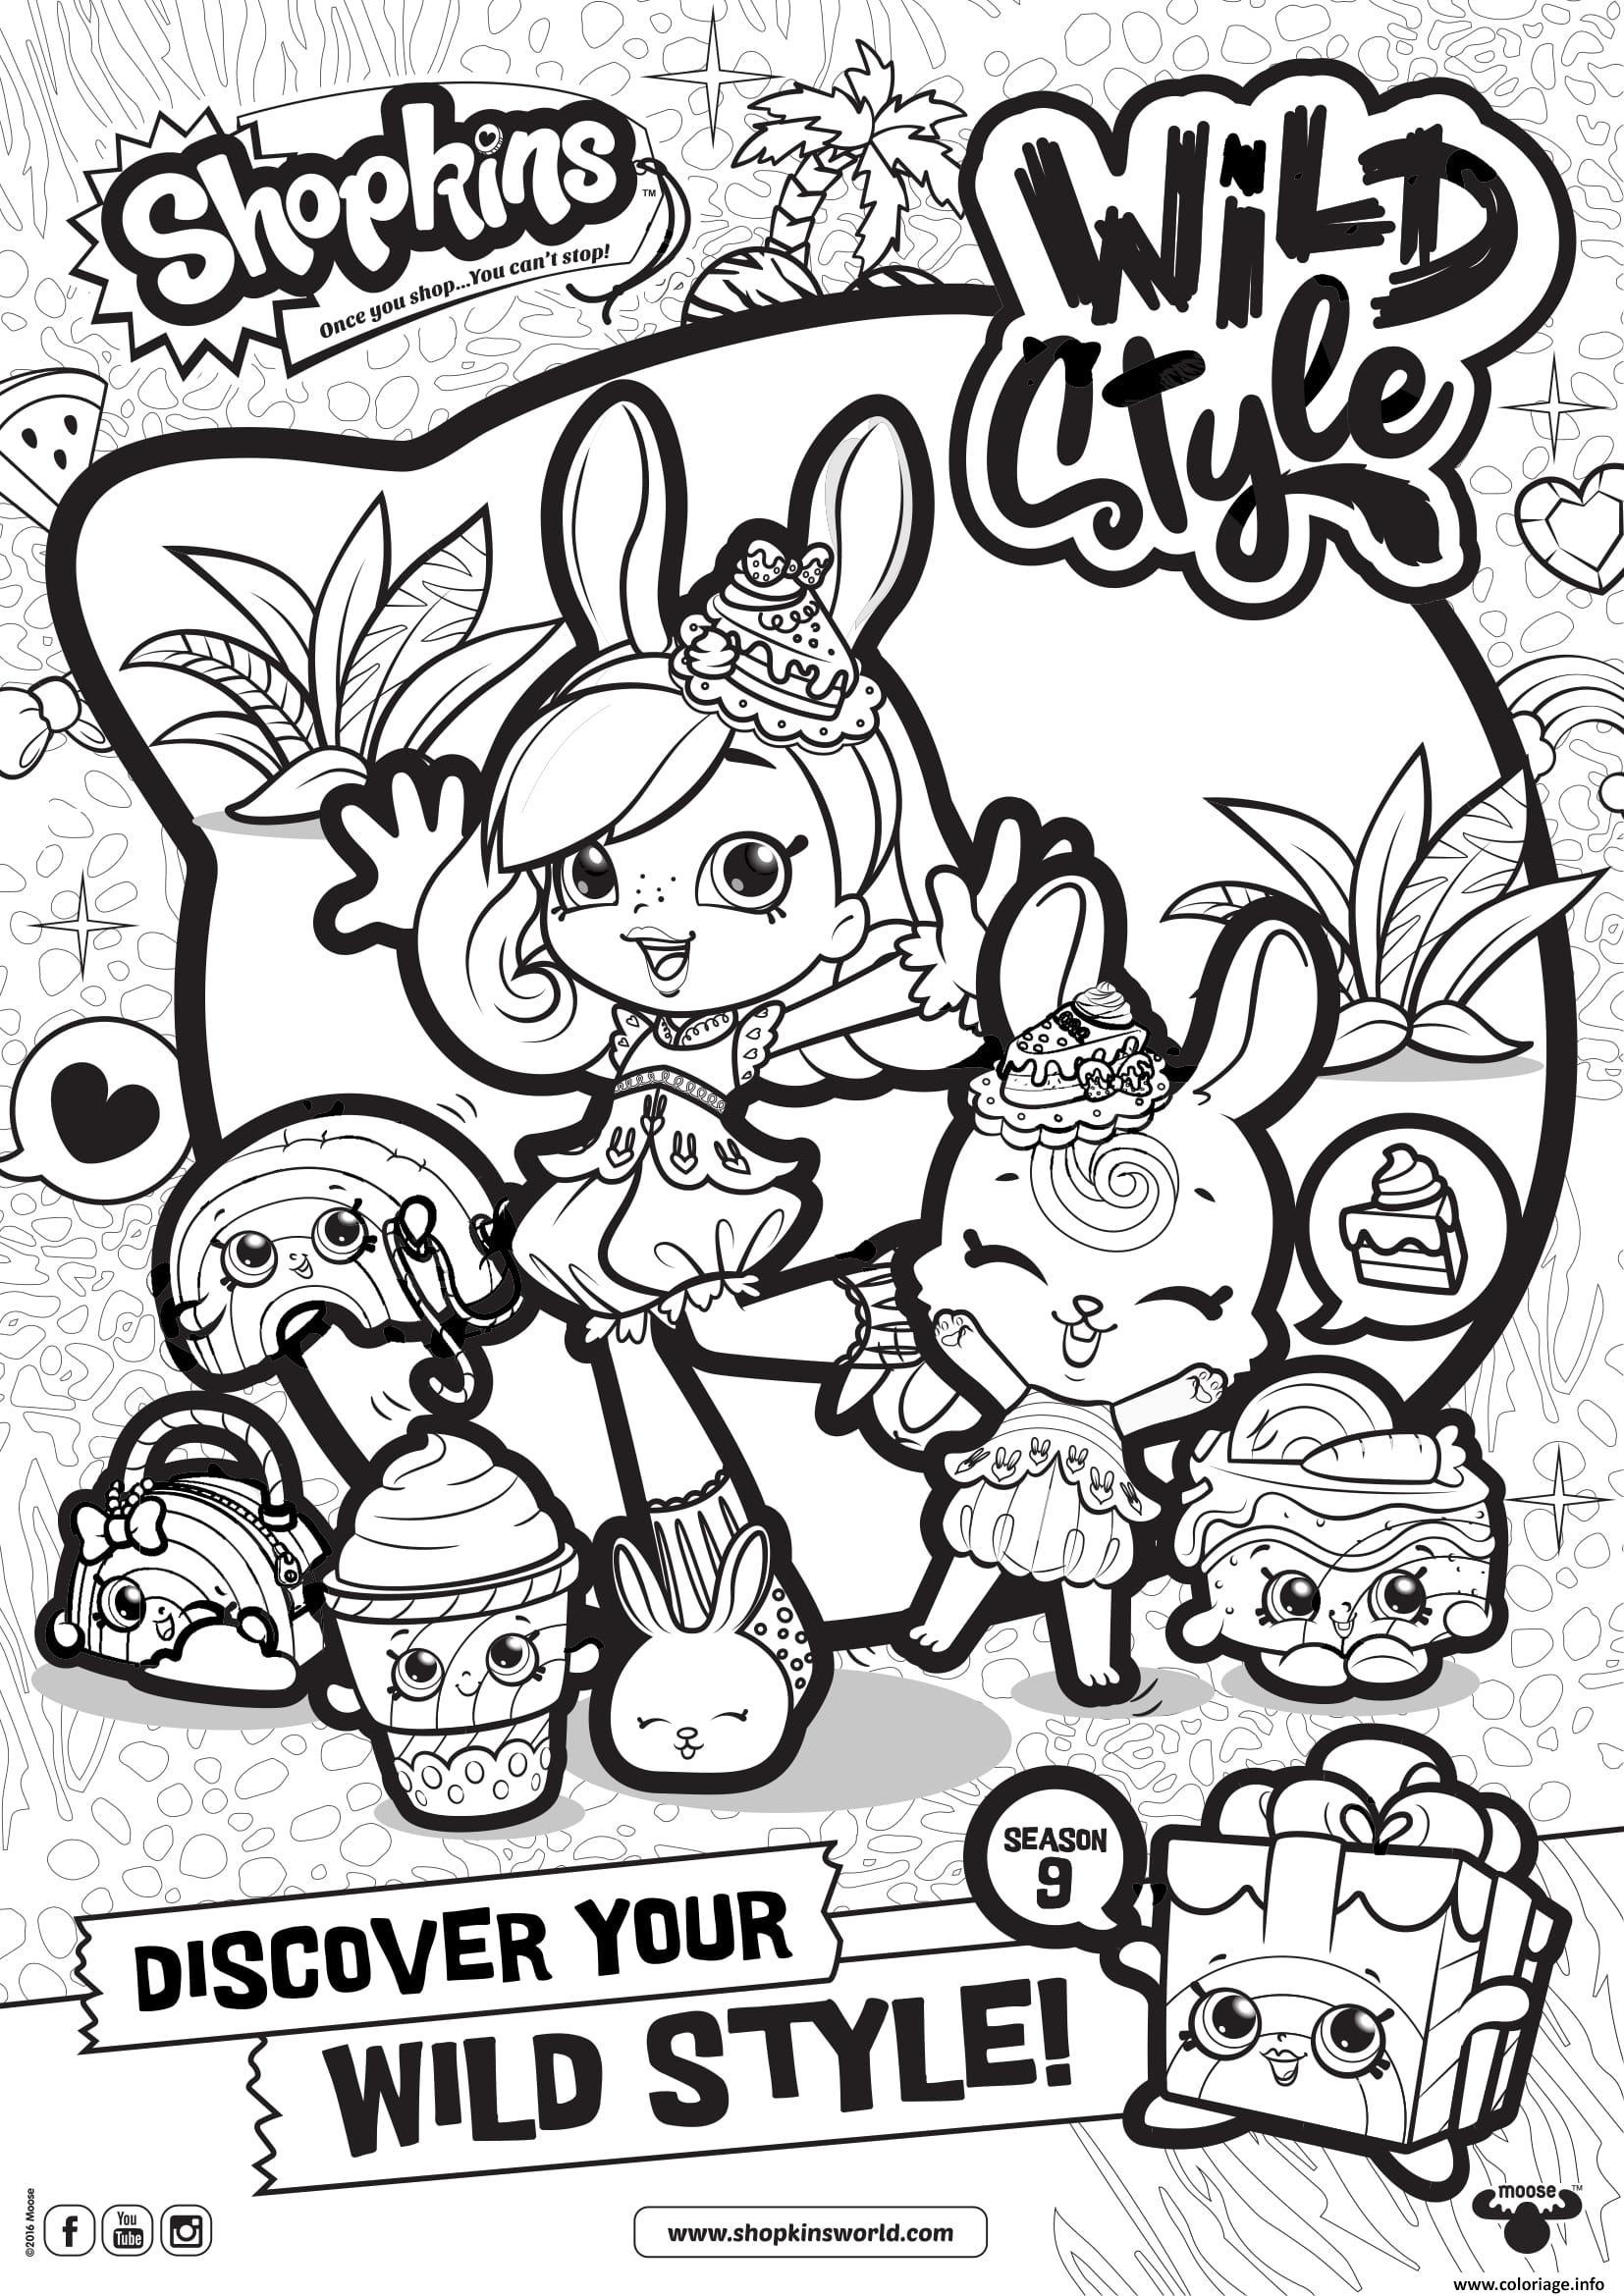 Coloriage shopkins saison 9 wild style 6 - Style de dessin ...